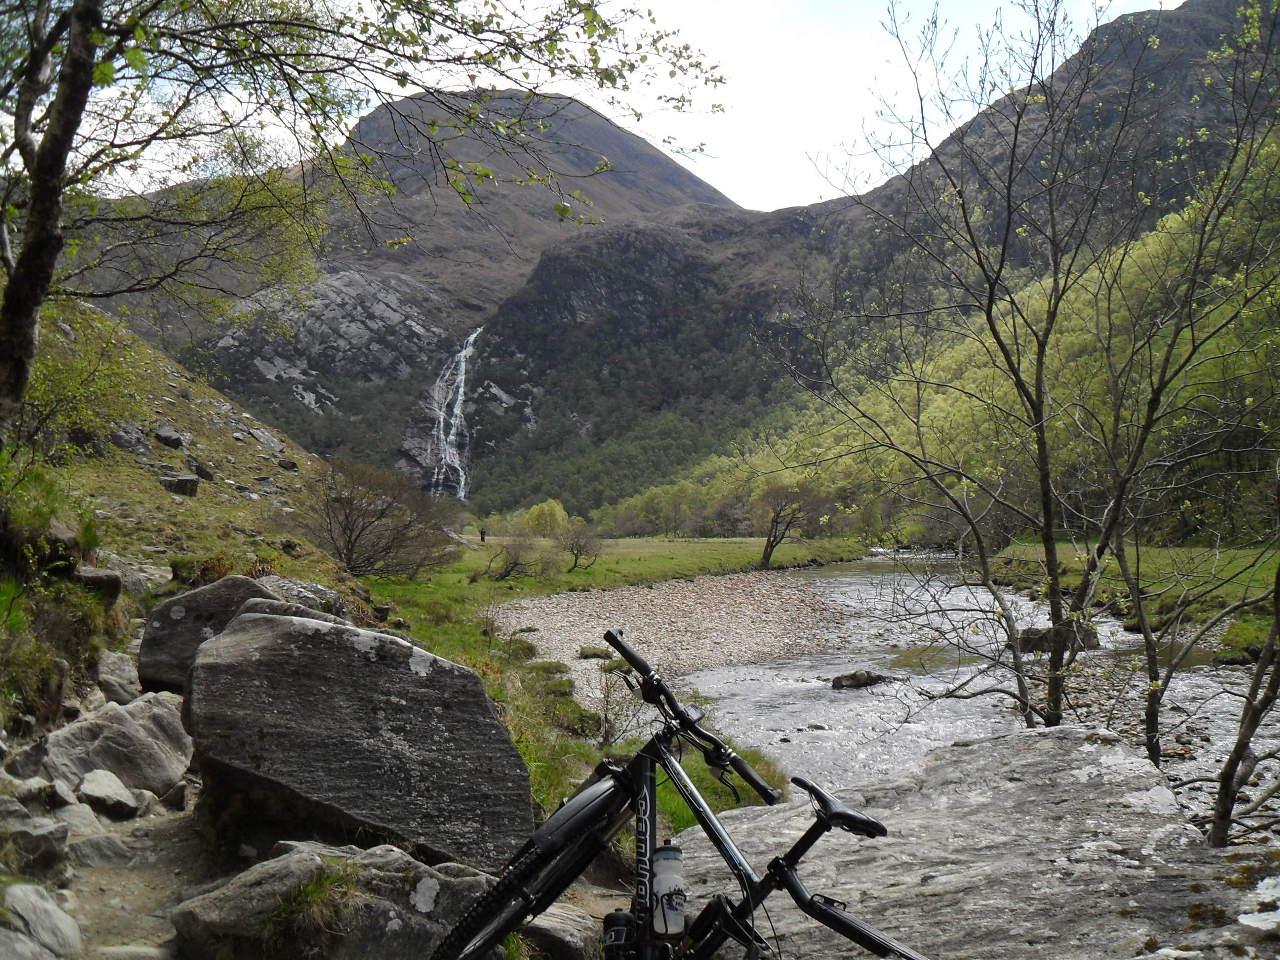 """(km31) Das Tal öffnet sich und da sind die Falls. Auf Gälisch <em>An Steall Ban</em> (""""Der weiße Abfluss"""") und mit gut 120 Metern Fallhöhe der zweithöchste Wasserfall Großbritanniens. Der höchste ist mit 200m der <em>Eas a' Chual Aluinn</em> bei Kylesku"""